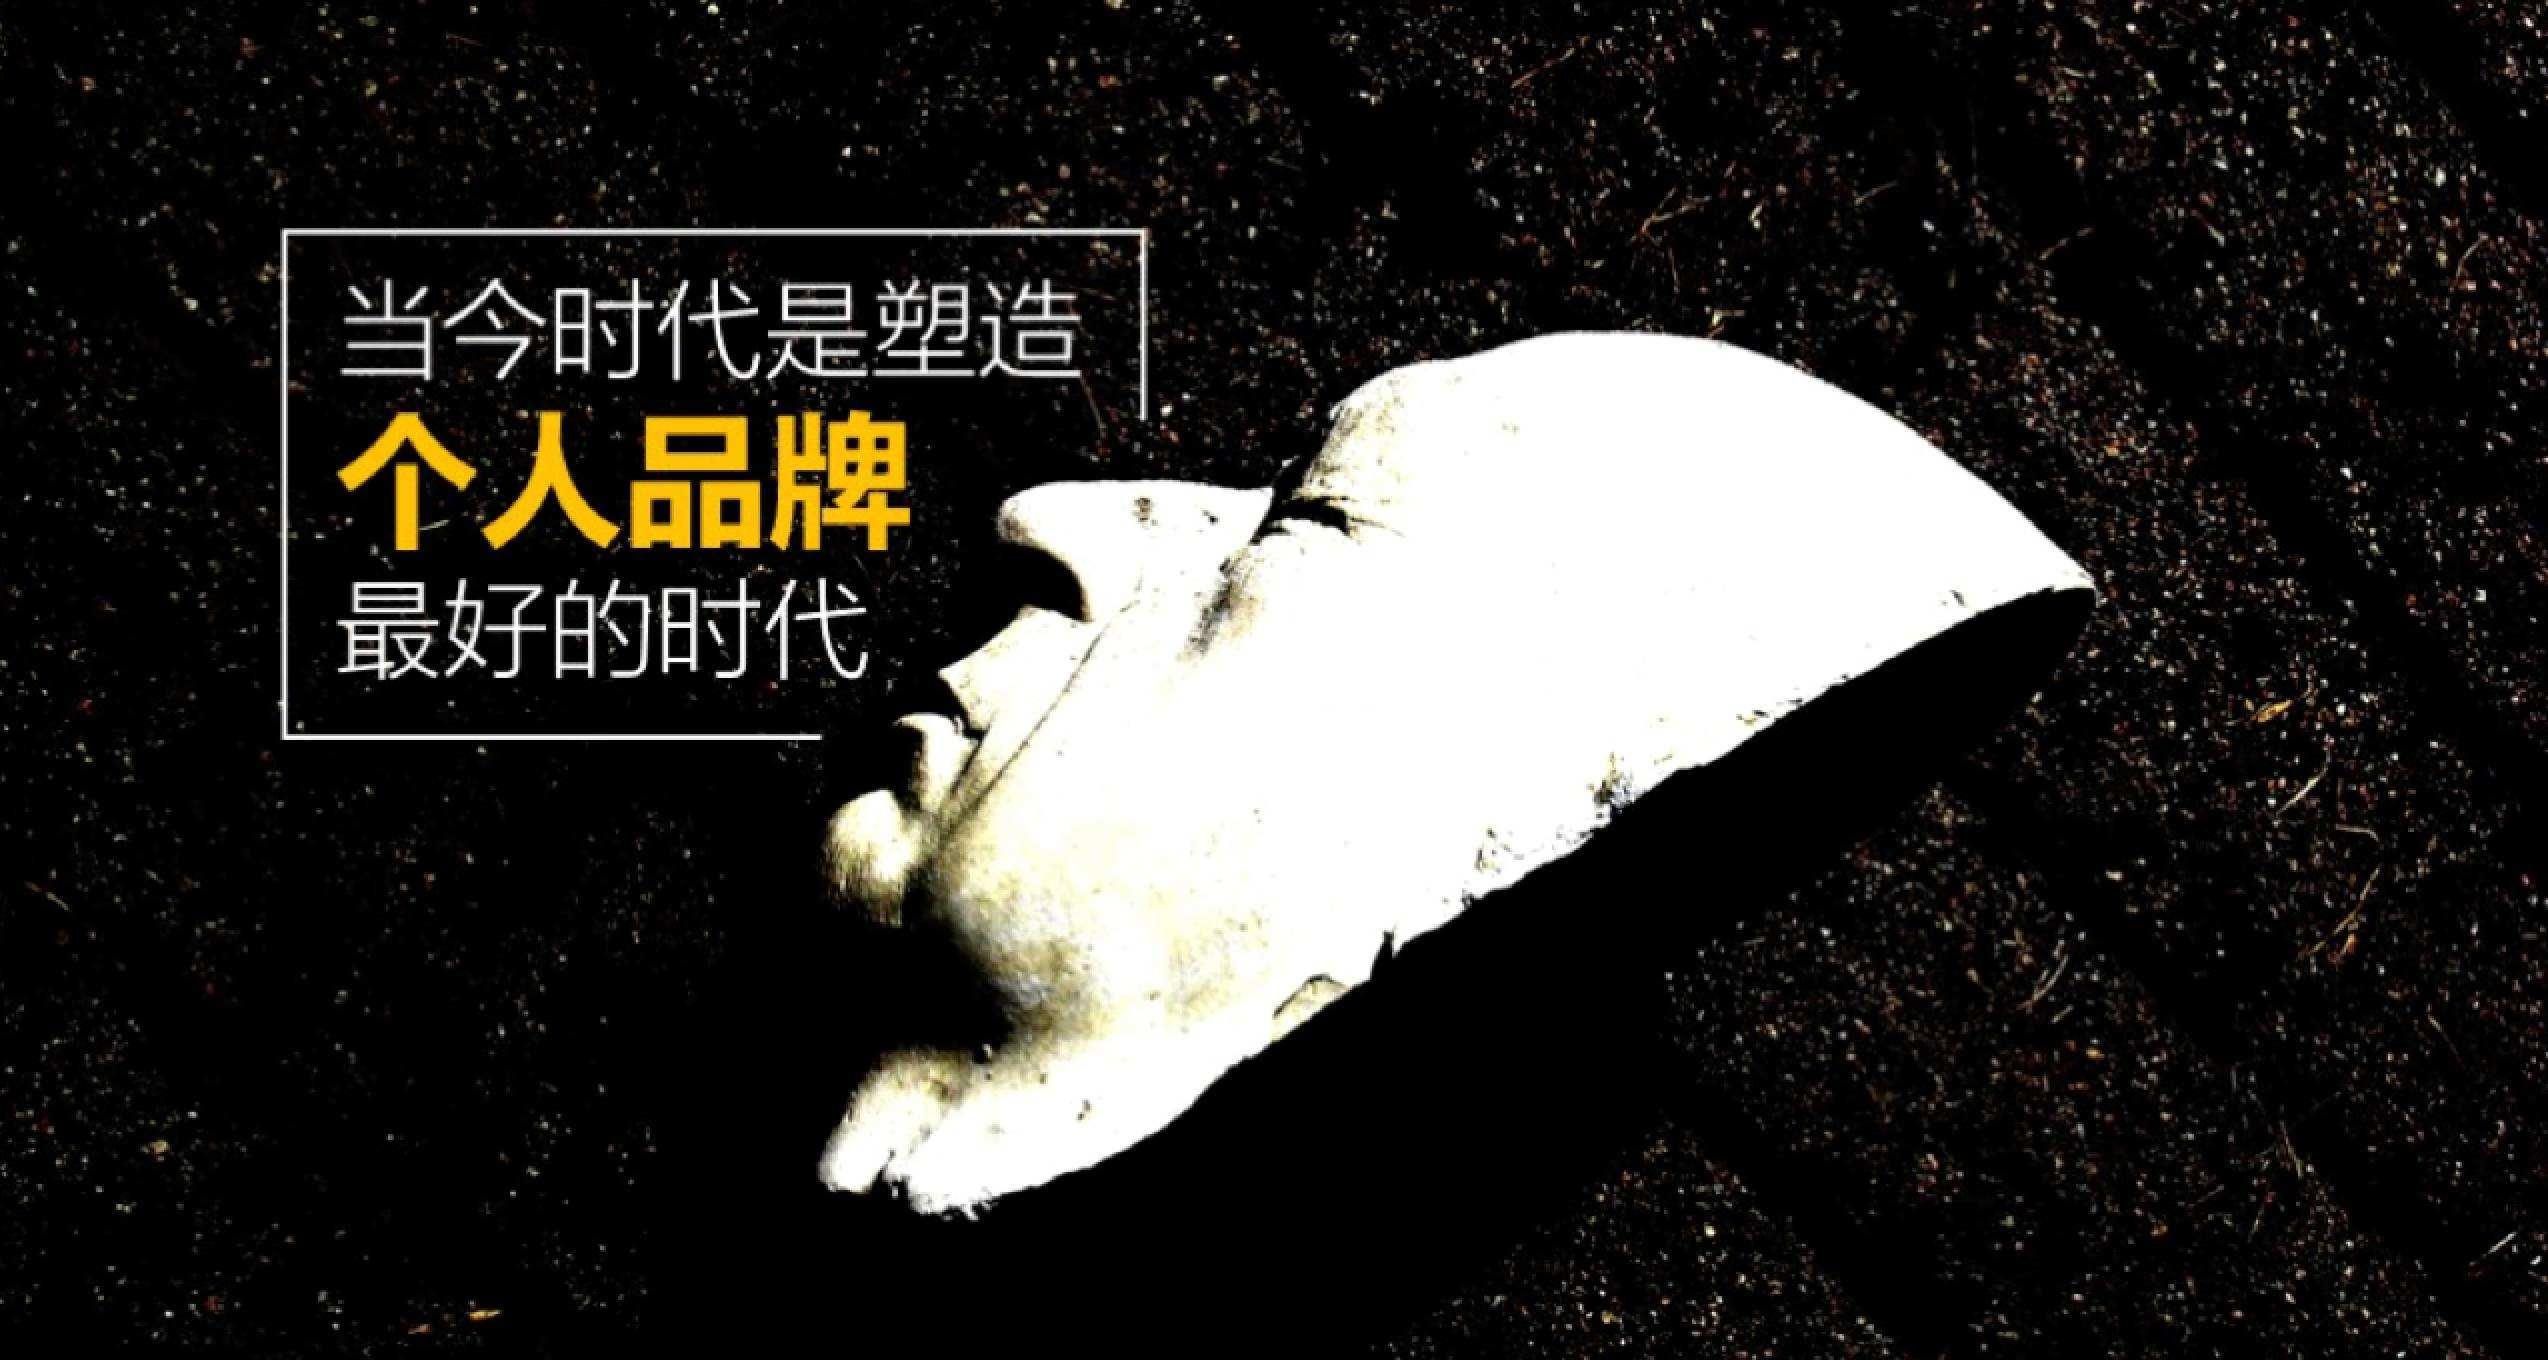 杨文博:名人专家/品牌的四大好处,为什么个人品牌是值得的努力?